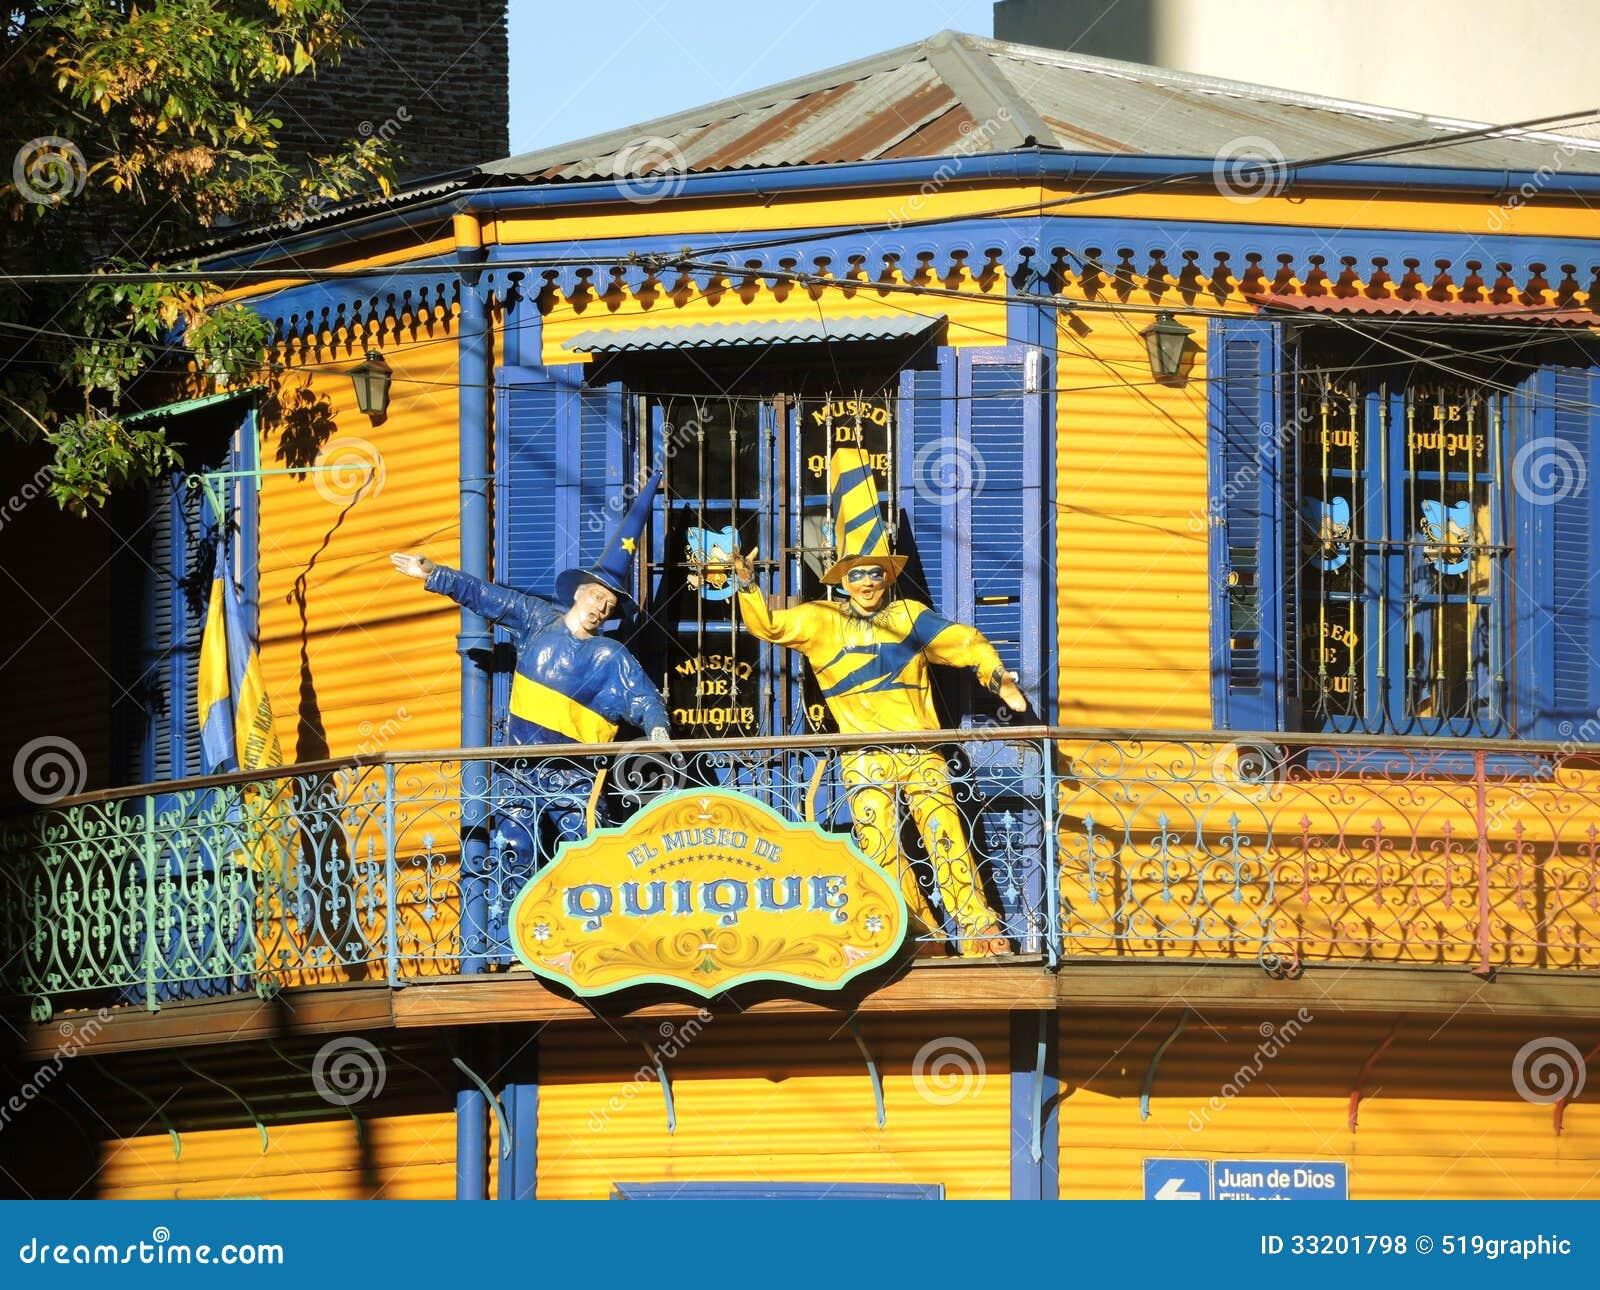 Boca Juniors museum